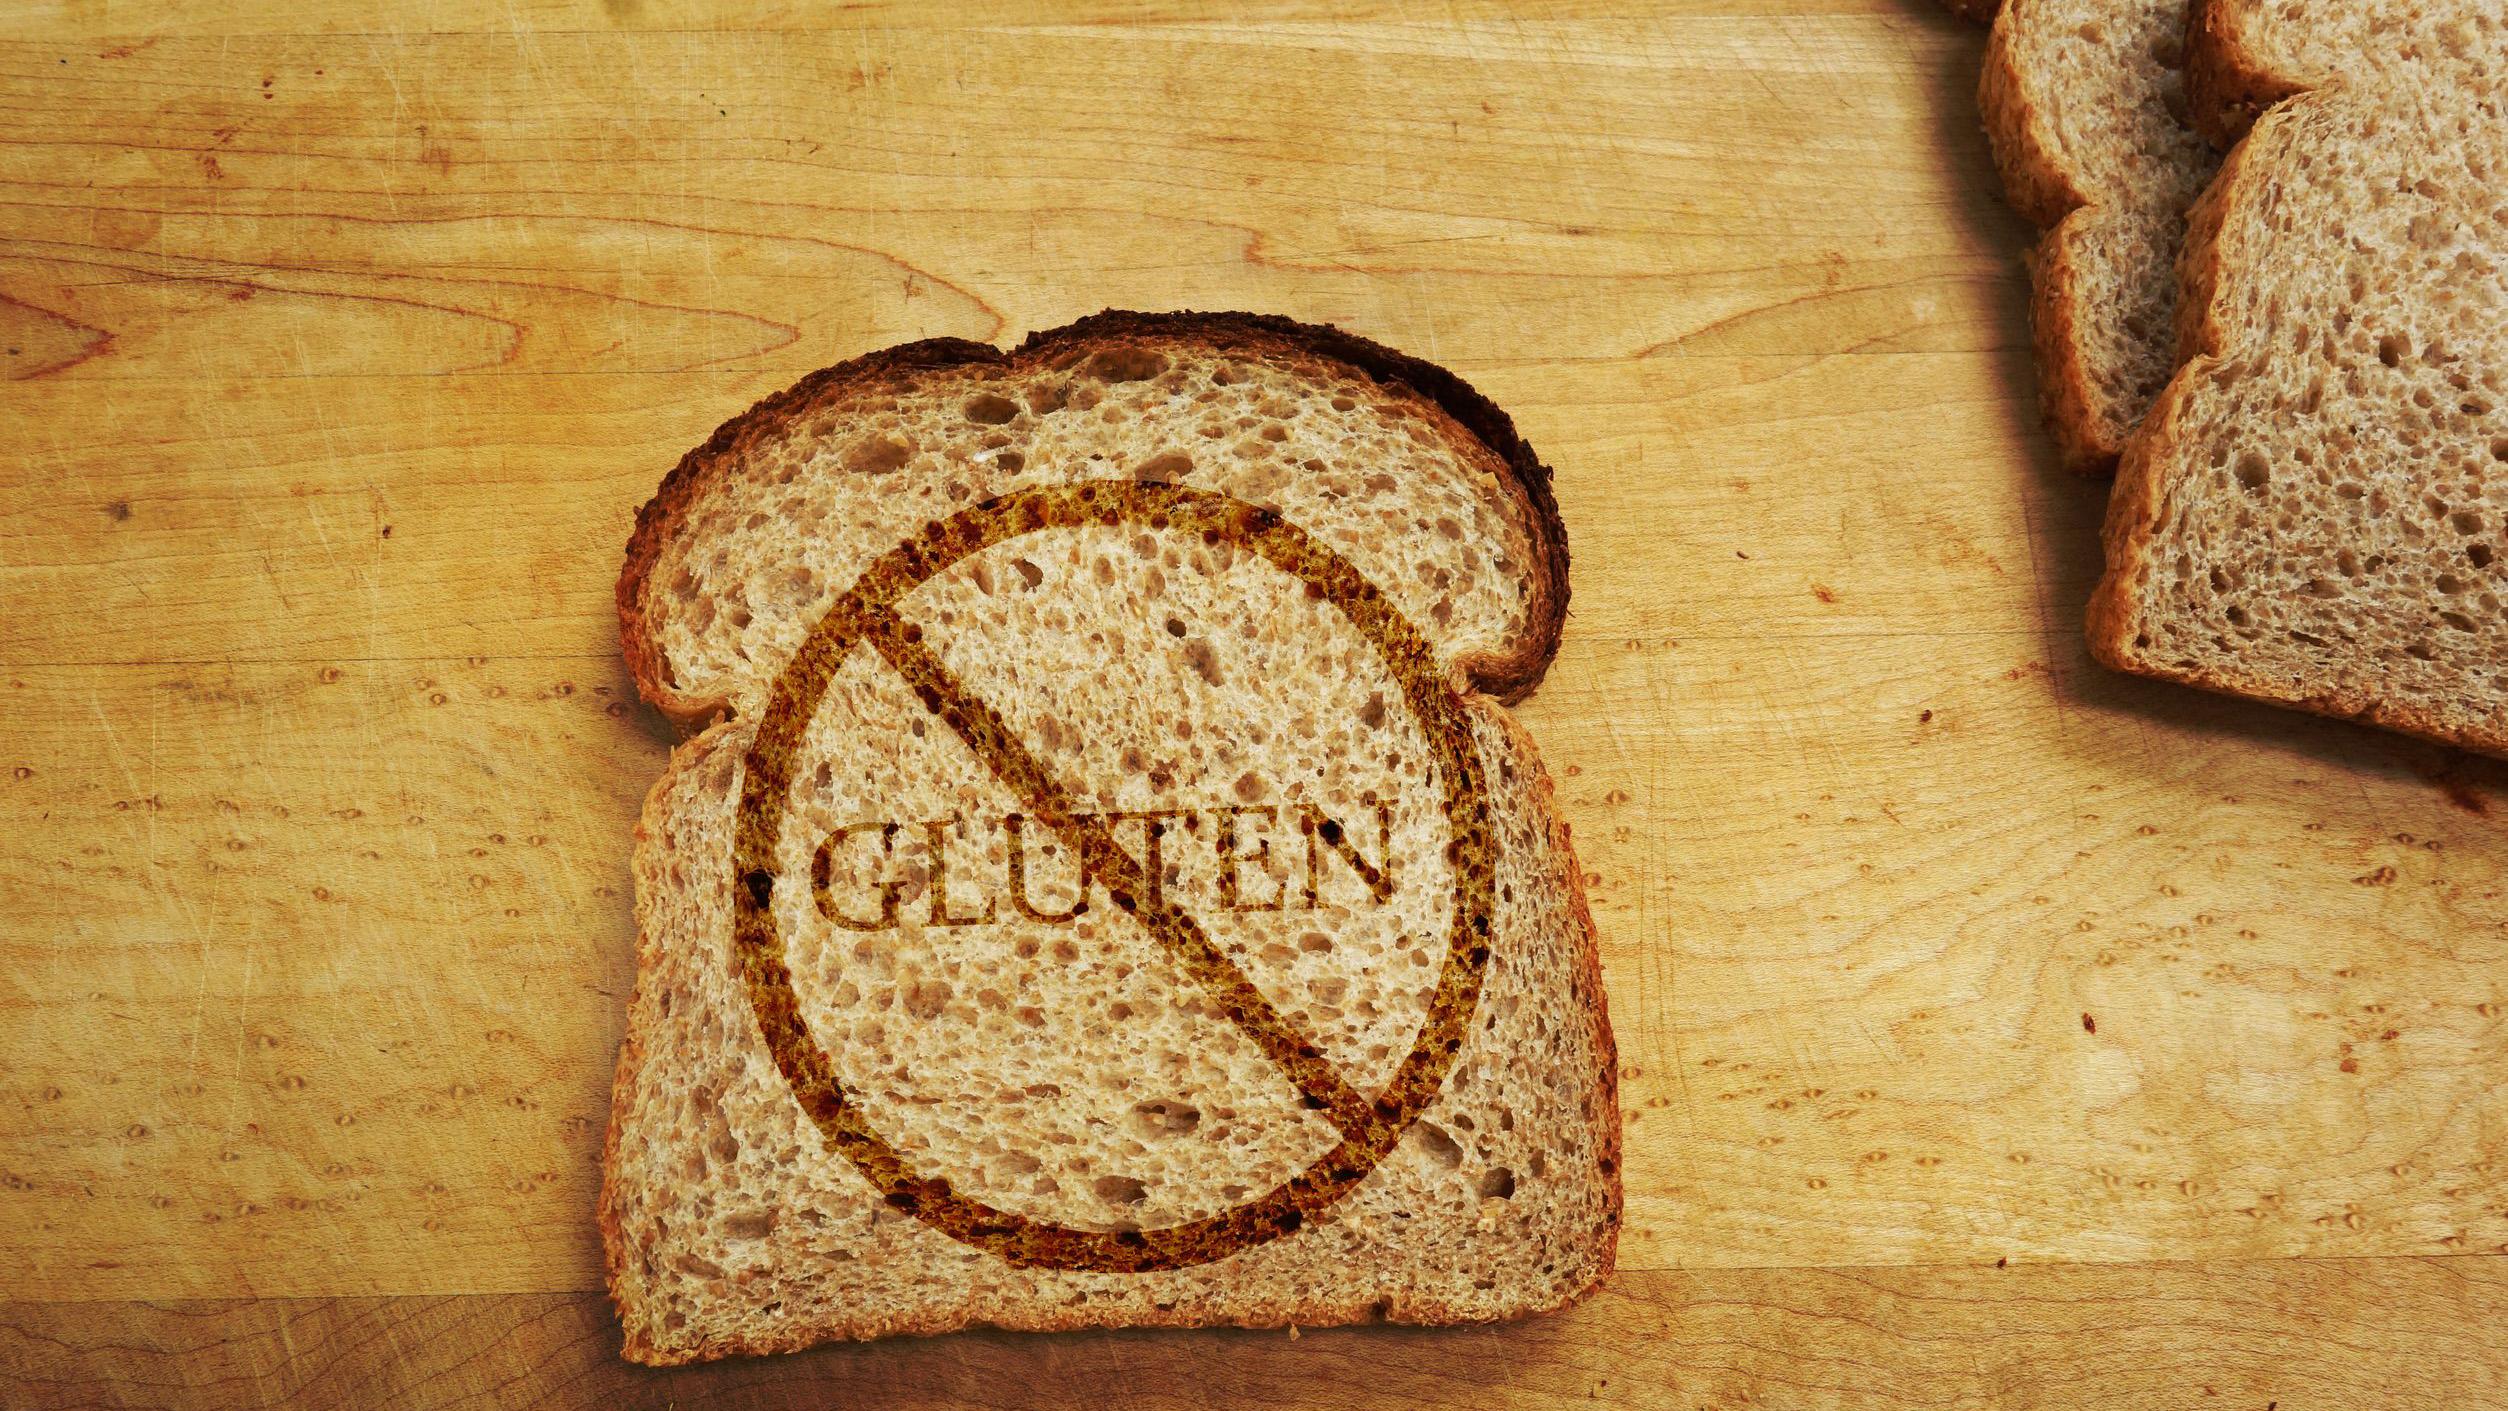 Darum ist es gefährlich, sich glutenfrei zu ernähren